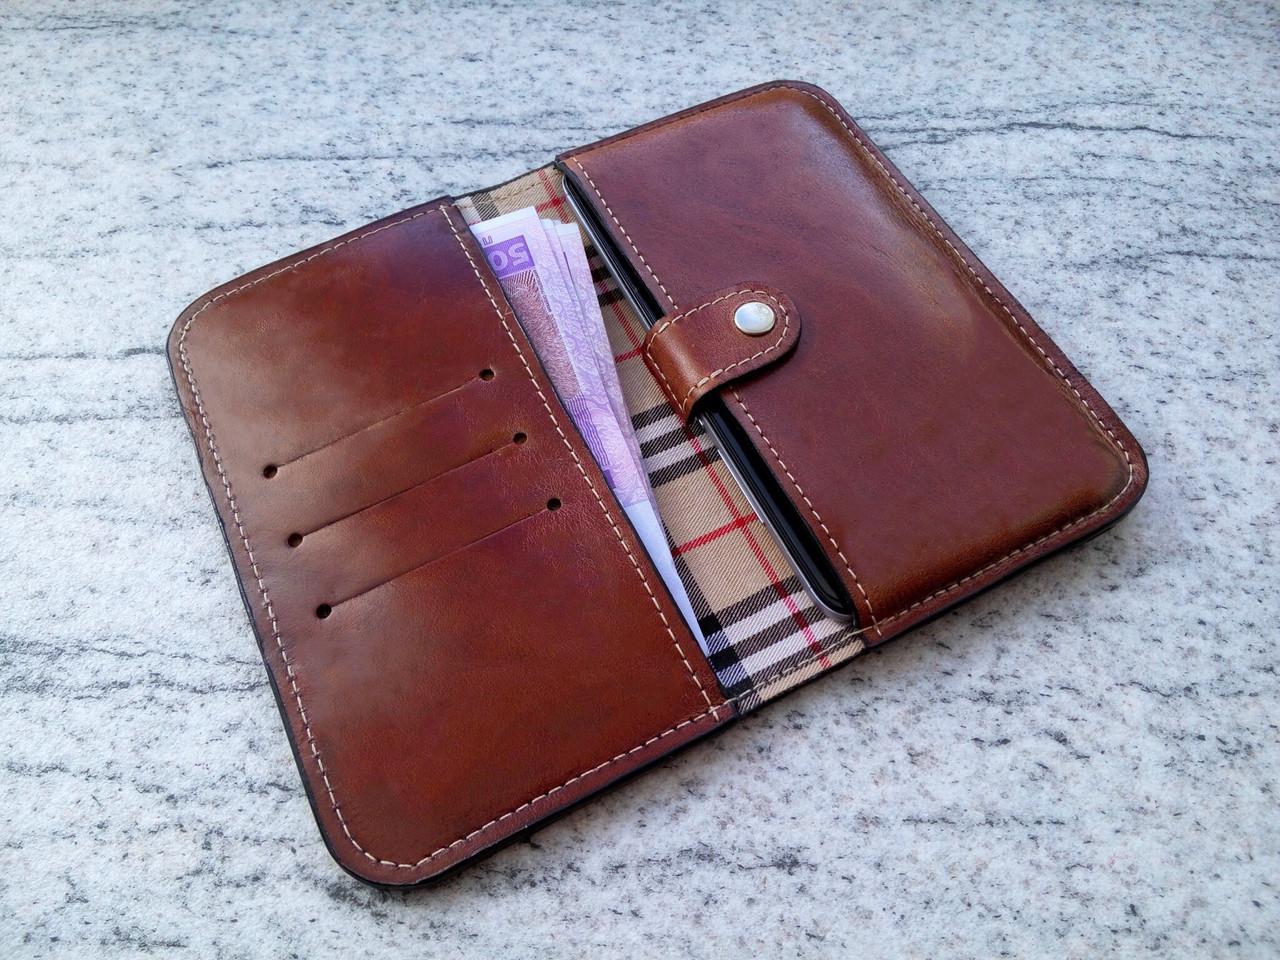 0a95cab56e01 Кожаный чехол клатч для Apple iPhone 7 Plus (ручная работа, индивидуально  под модель телефона